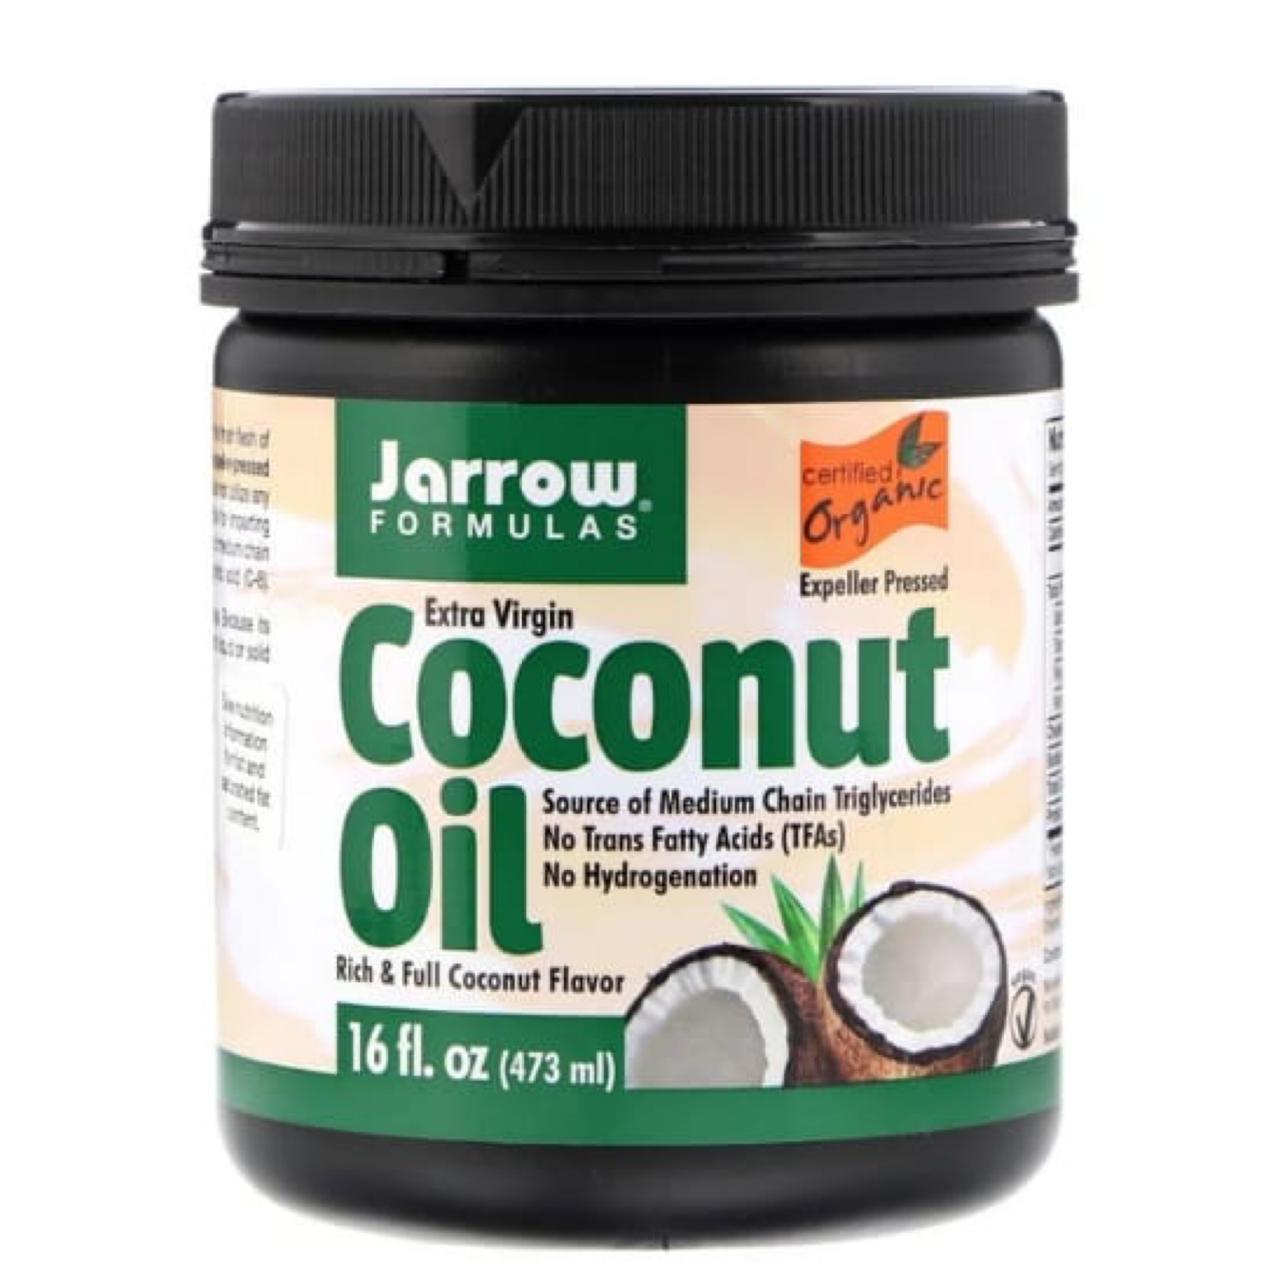 Jarrow Formulas, нерафинированное кокосовое масло. Это волшебное масло – настоящая палочка-выручалочка. Его можно употреблять в пищу, жарить на нем сырники (мы проверяли, так вкуснее!). А еще его можно использовать в качестве маски для волос, мазаться вместо крема и использовать в качестве профилактики растяжек при беременности